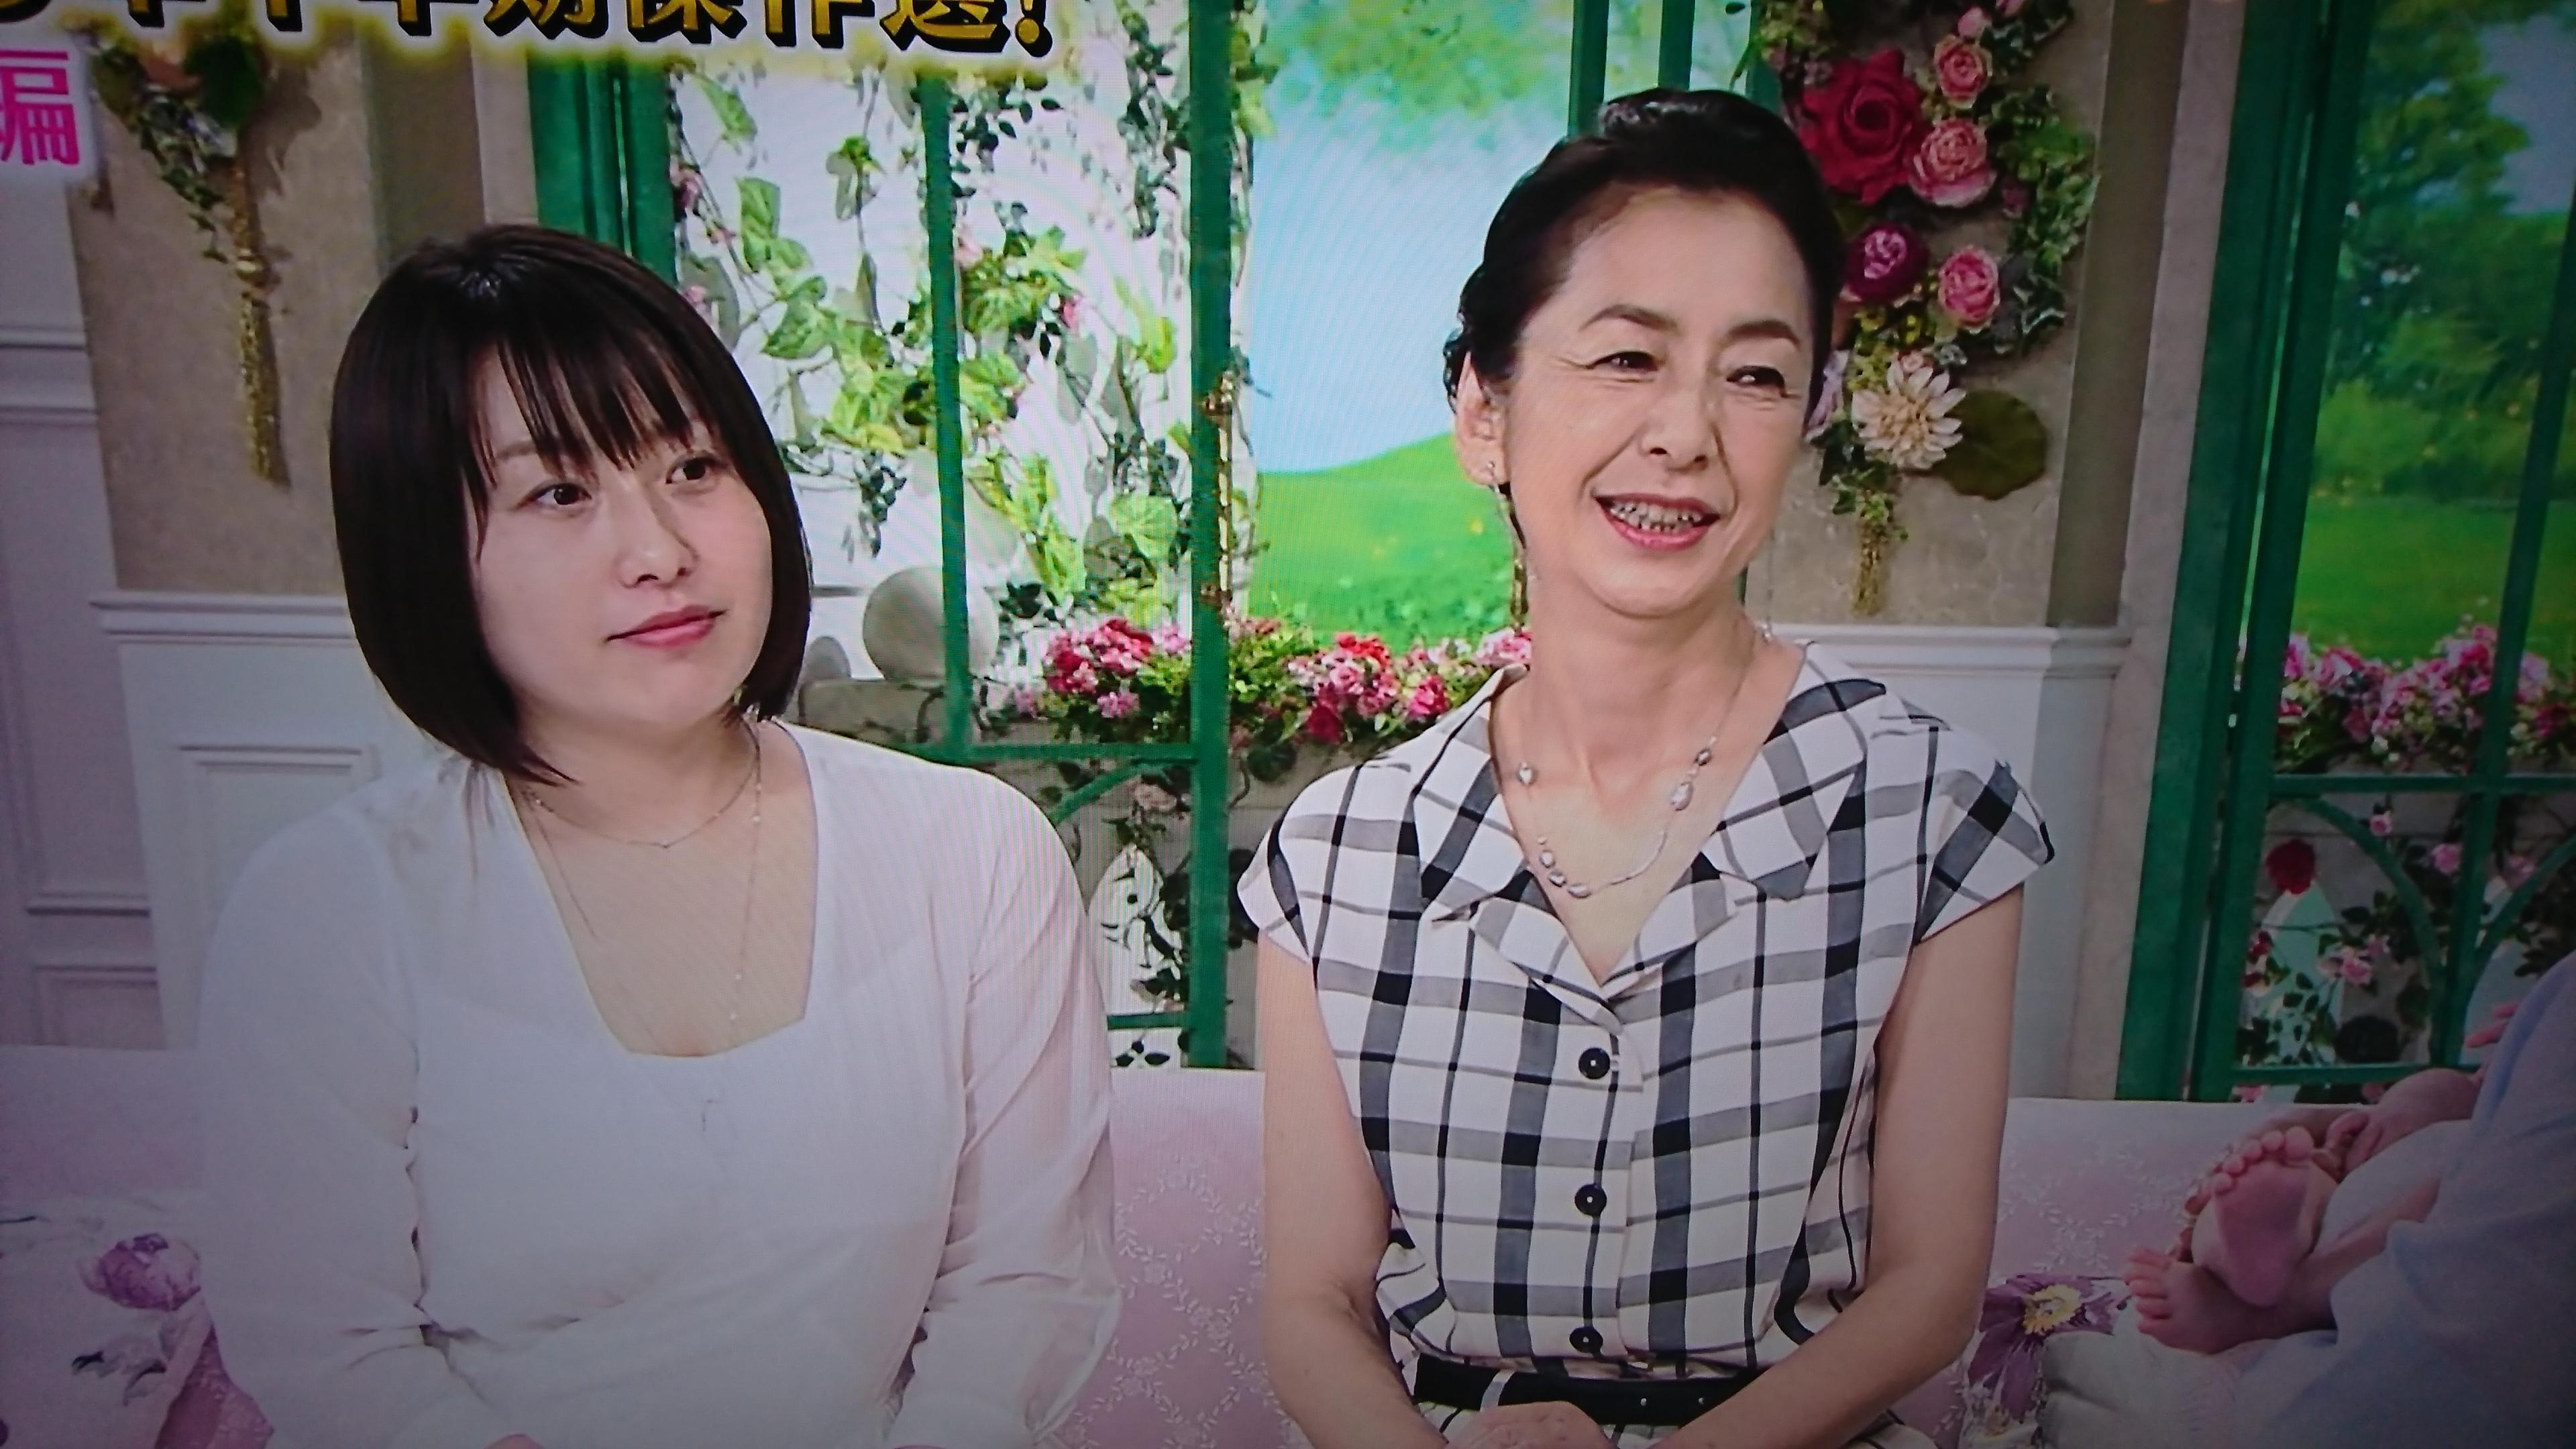 高橋惠子の子供(娘)秋山祐奈や孫がかわいい!結婚した旦那は?【深イイ】